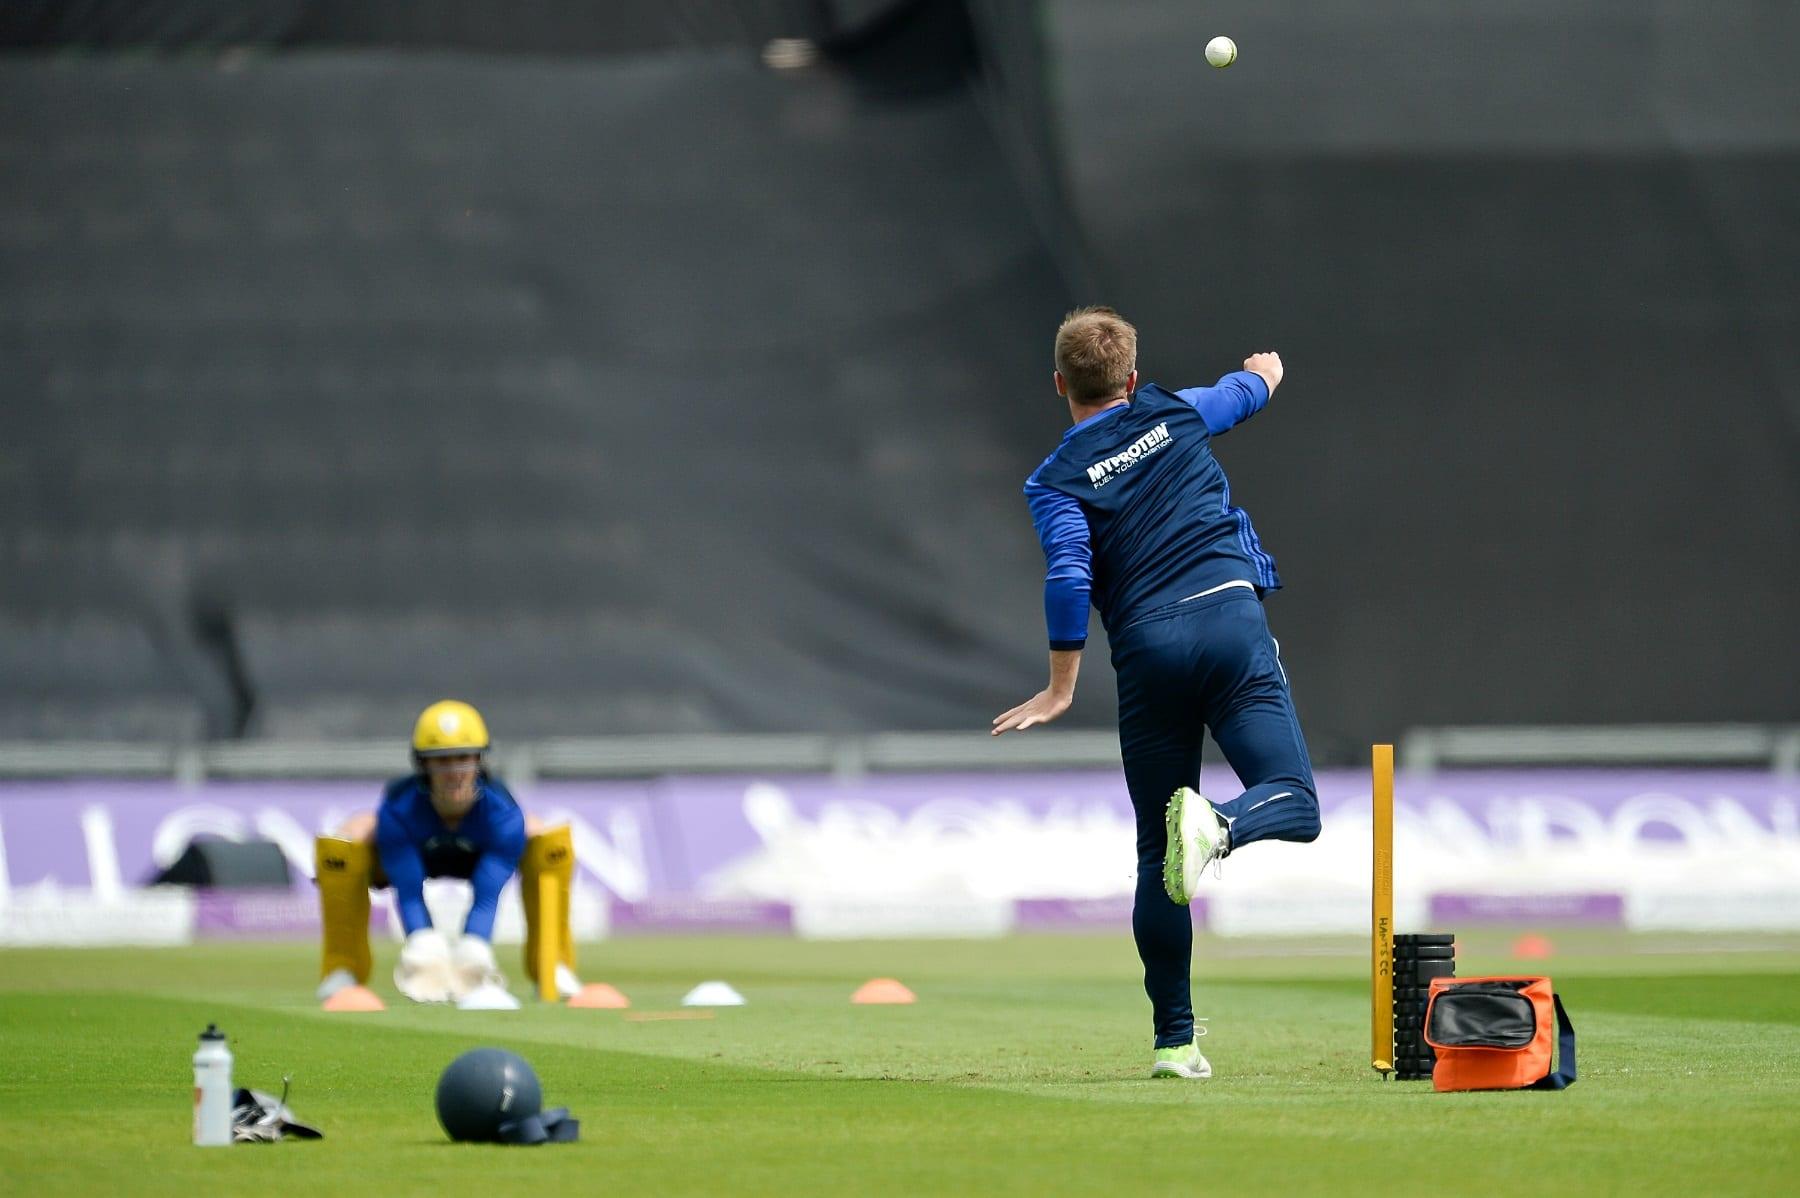 Cardio Vs. Musculation | Conseil d'entrainement du Hampshire Cricket